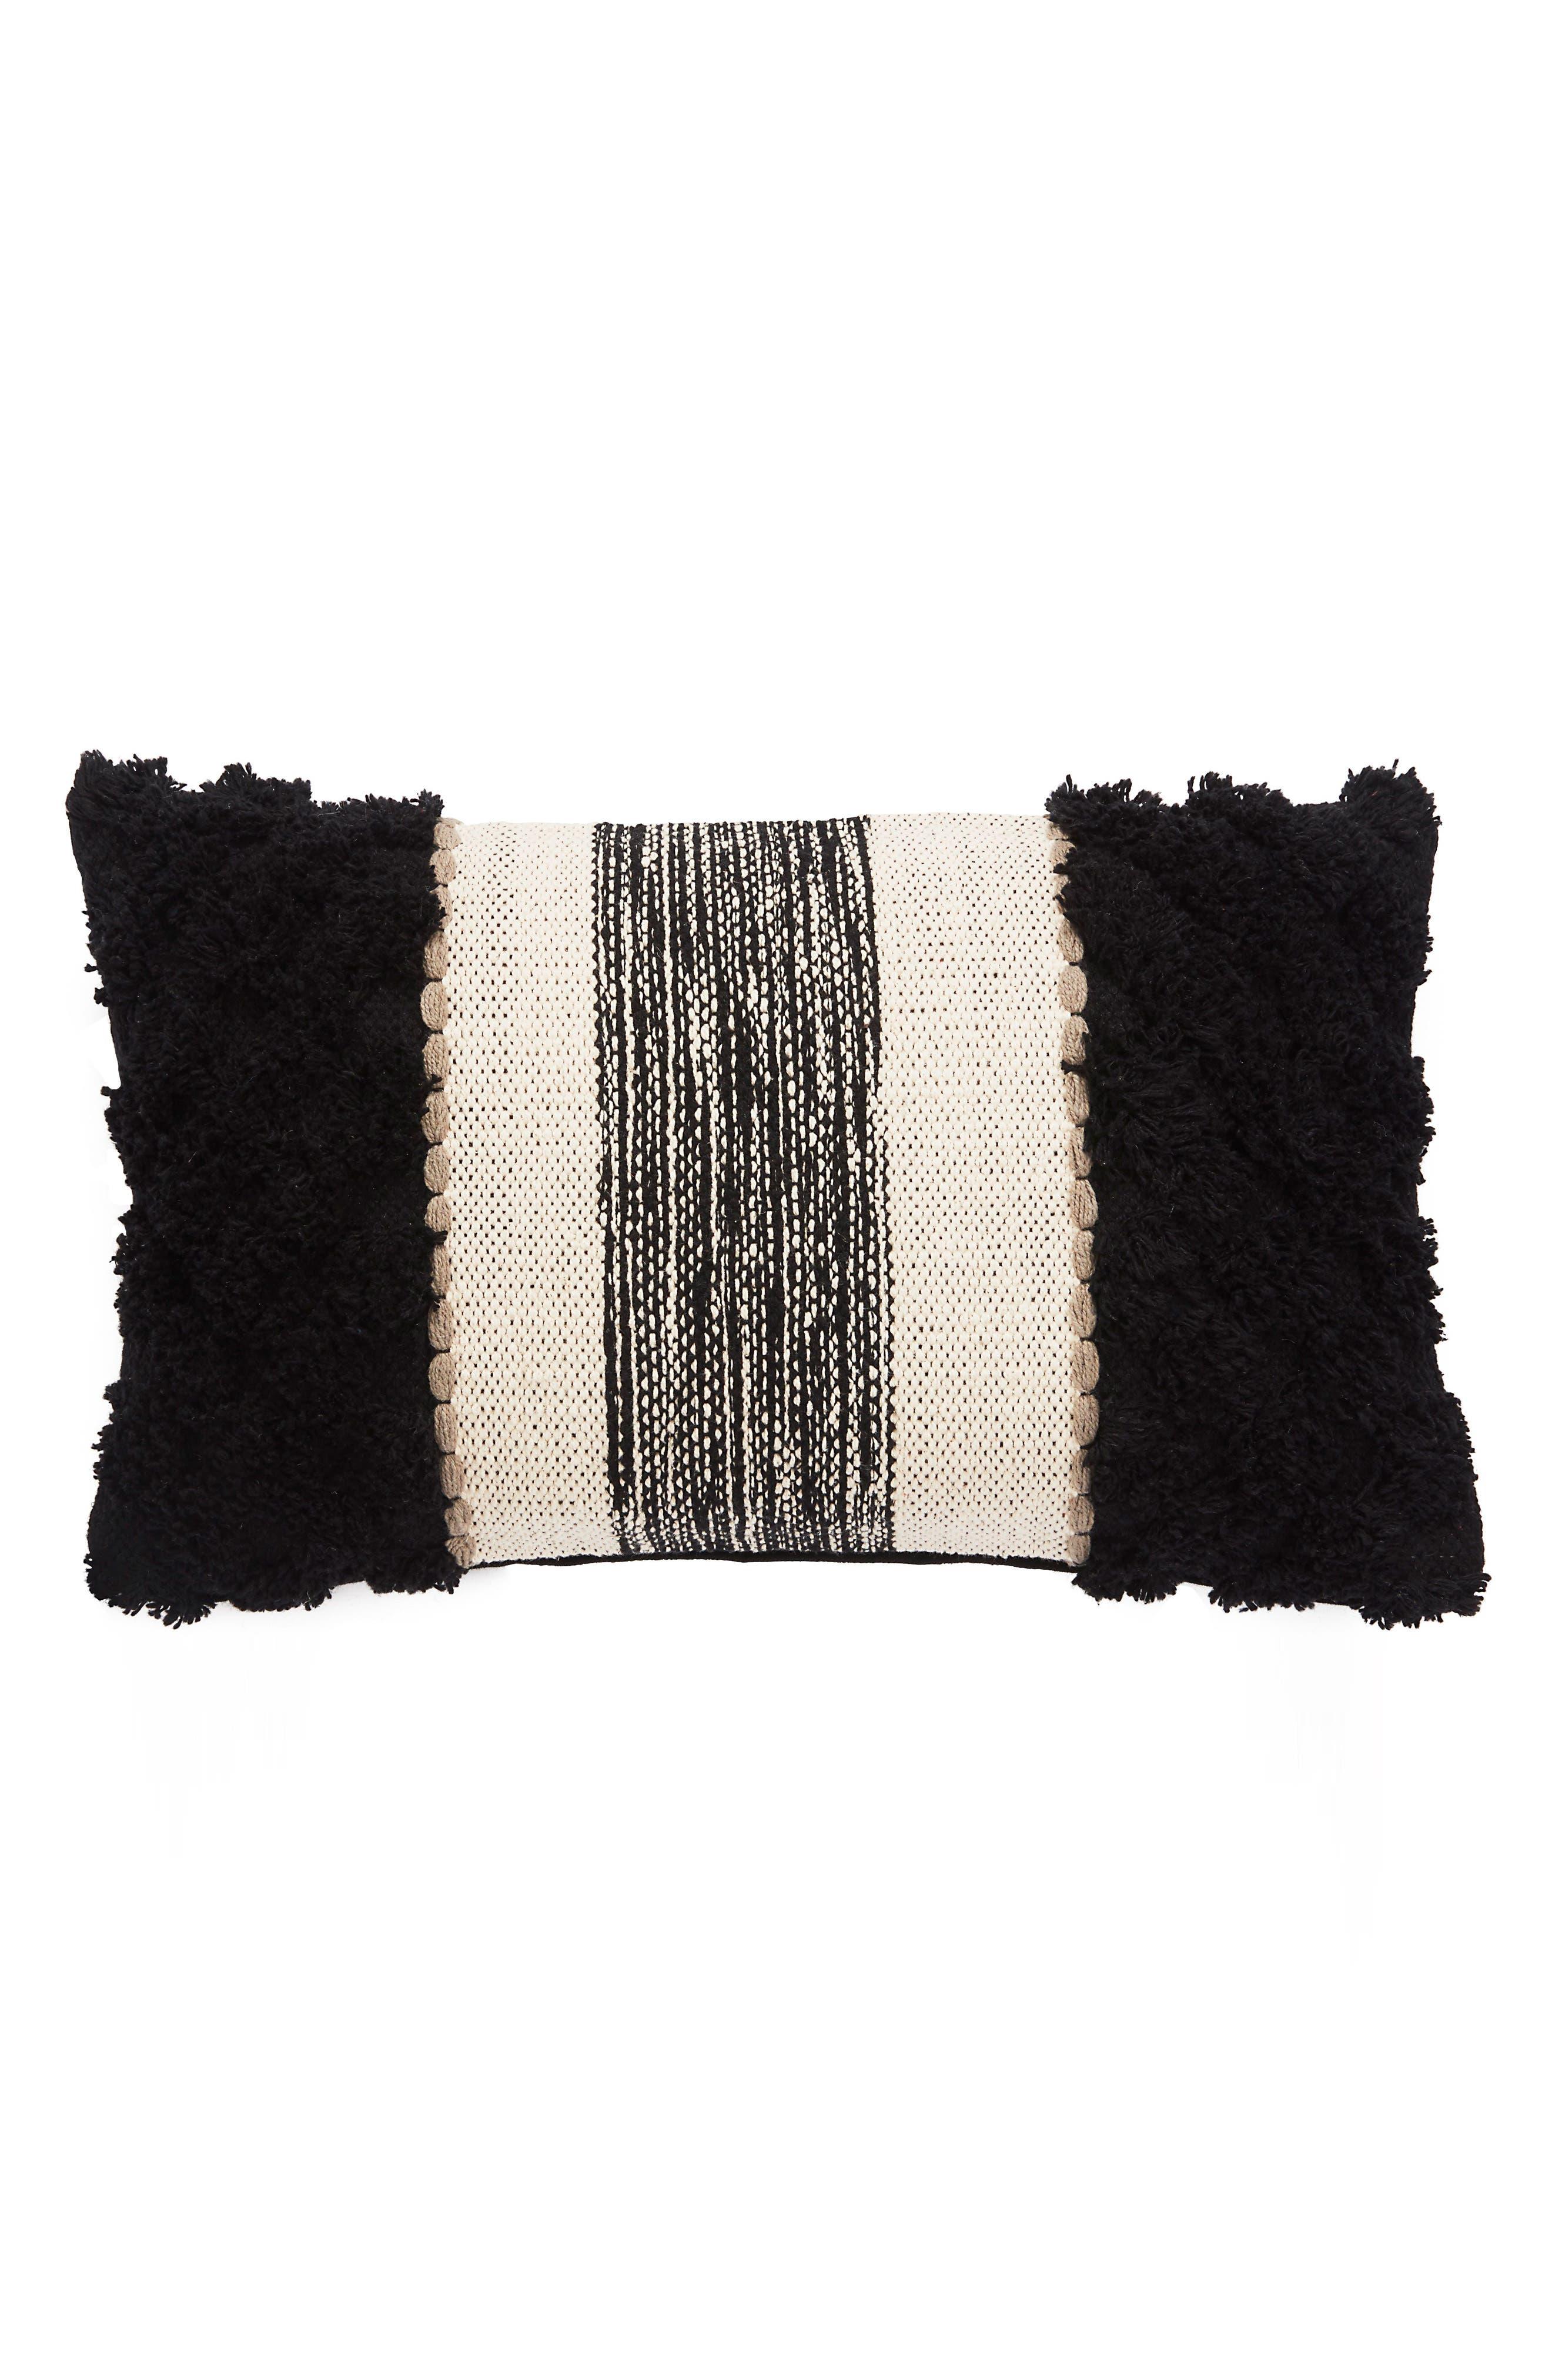 Accent Pillow,                             Main thumbnail 1, color,                             Black